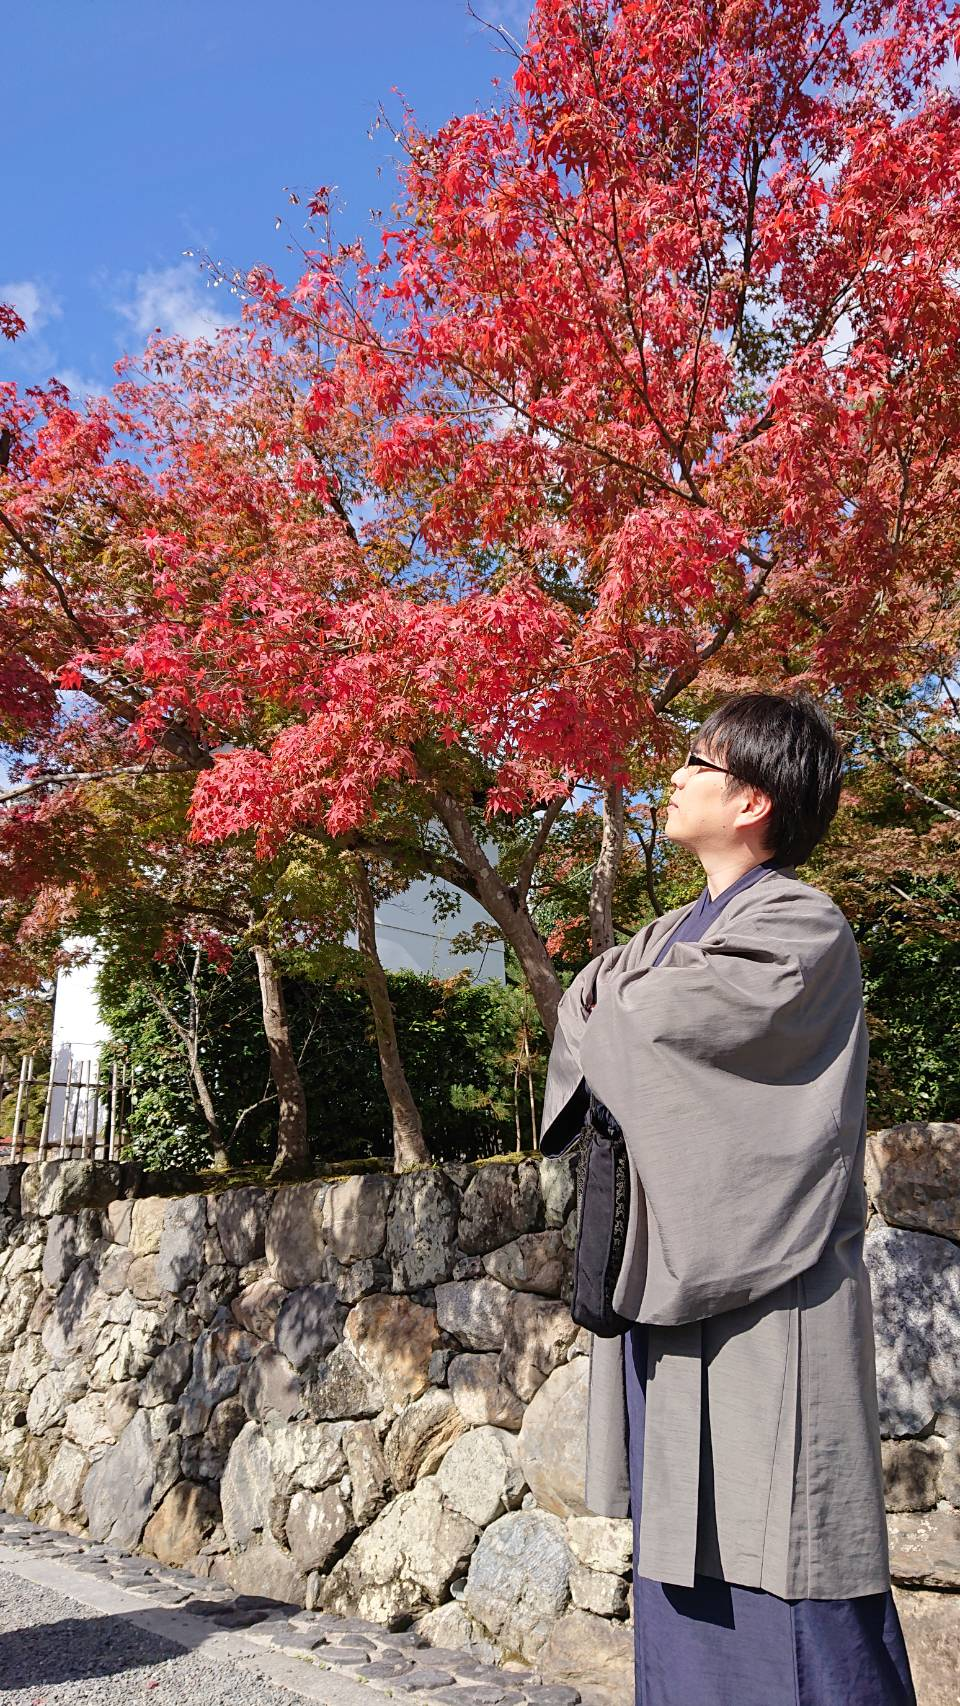 南禅寺も紅葉少しずつ赤くなってます♡2019年11月15日1